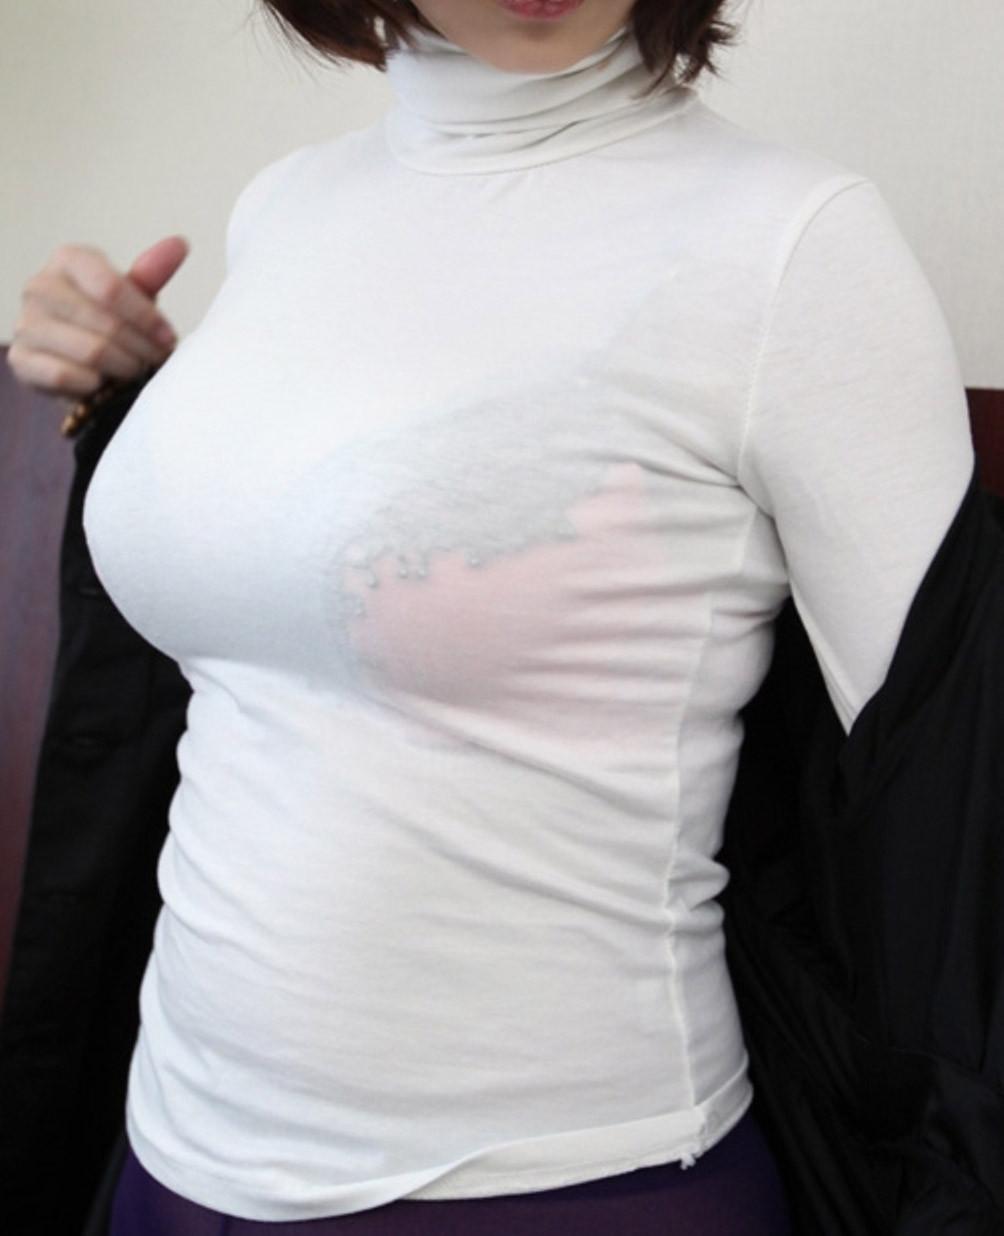 【着胸エロ画像】揉んでみたいです…膨らみ方から圧巻の着衣おっぱい(;・∀・)